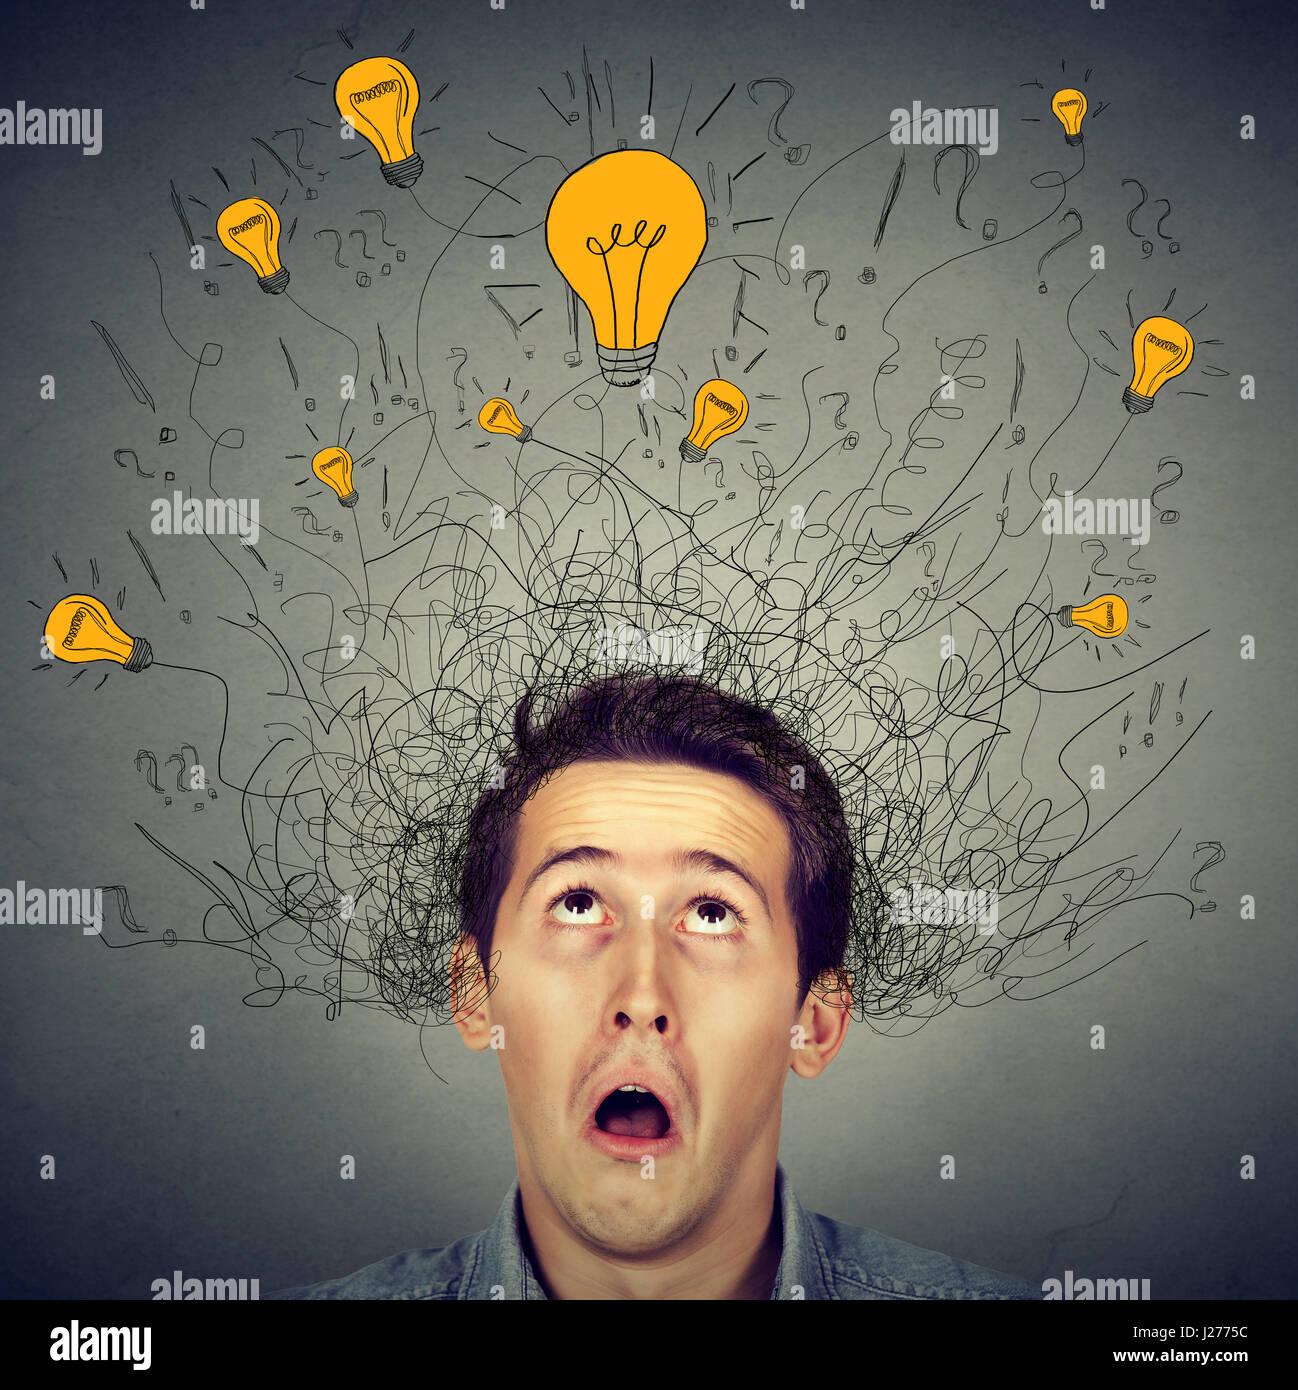 Sorprendido el hombre con bombillas de luz muchas ideas sobre la cabeza mirando hacia arriba aislado sobre la pared Imagen De Stock